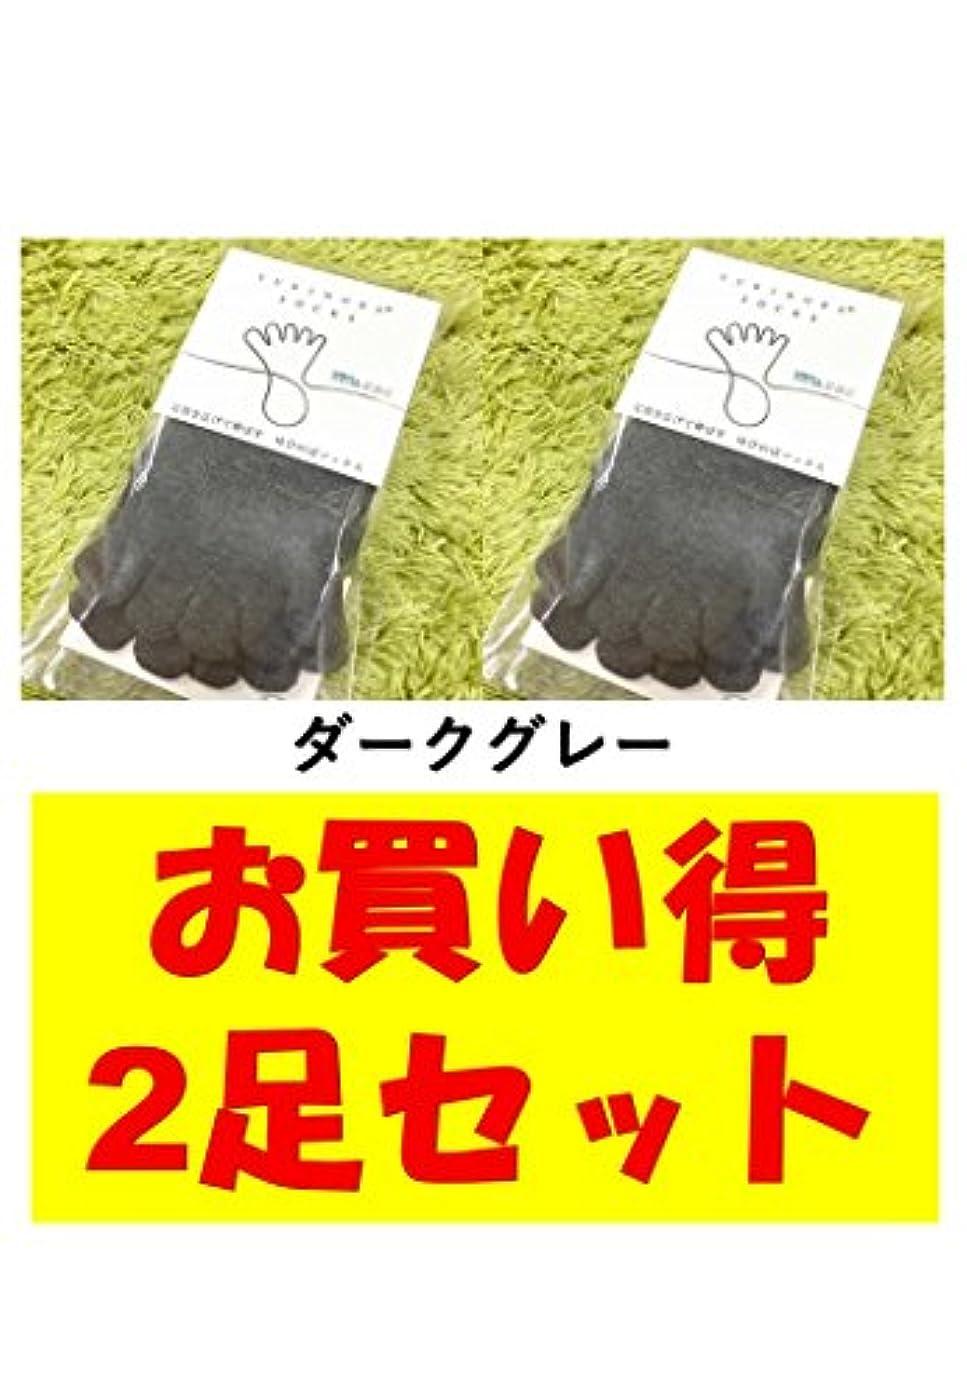 ピクニックをするテンポ誰のお買い得2足セット 5本指 ゆびのばソックス ゆびのばレギュラー ダークグレー 男性用 25.5cm-28.0cm HSREGR-DGL